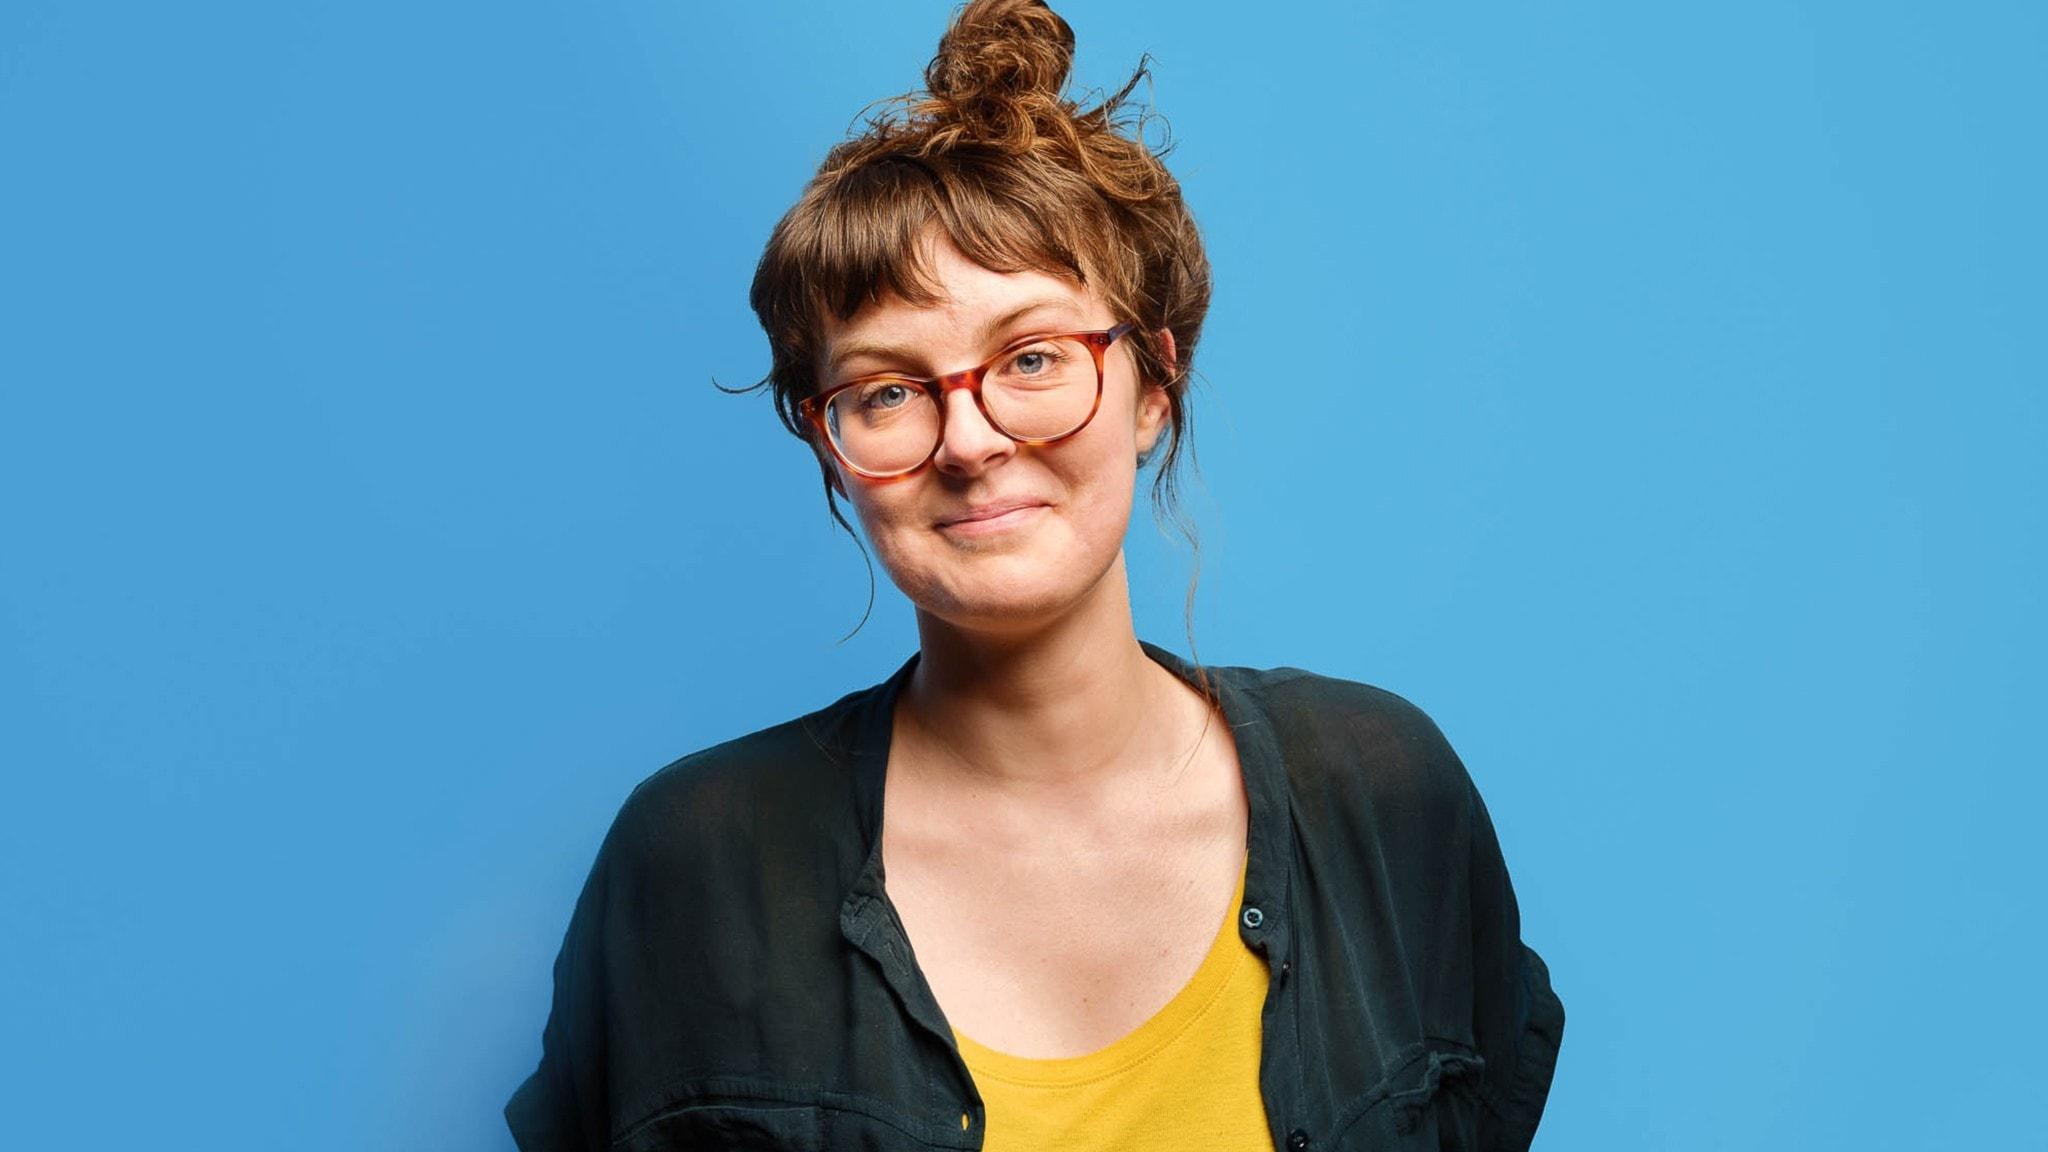 Porträtt på Ida Nordung, programledare på P3, mot en blå bakgrund